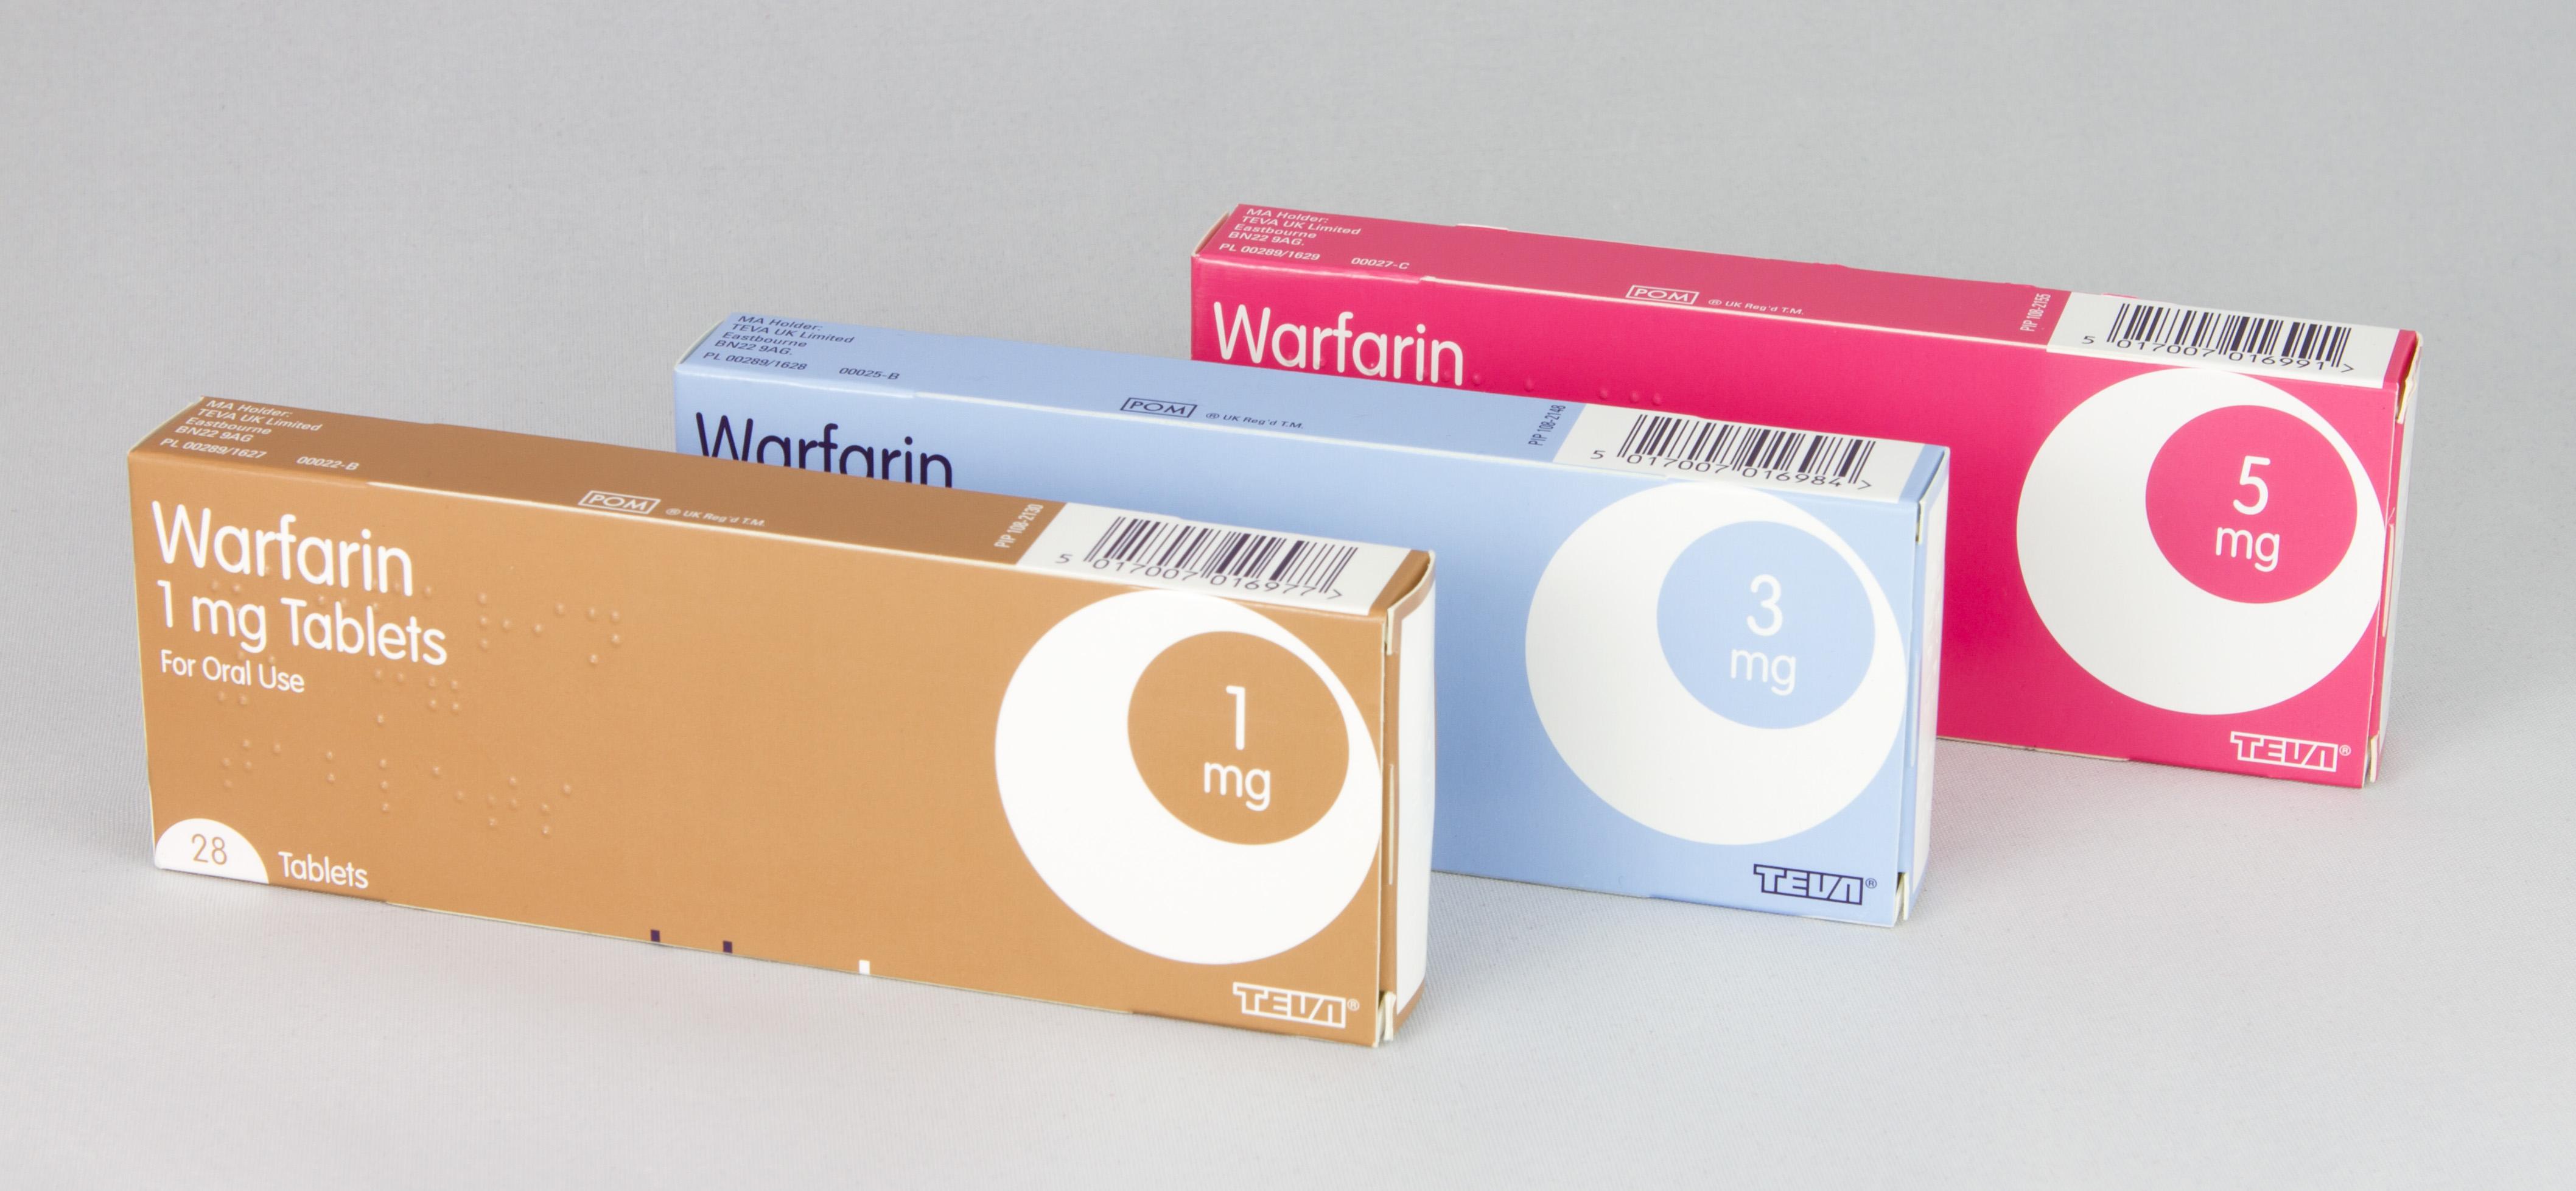 Increase the warfarin again ………..